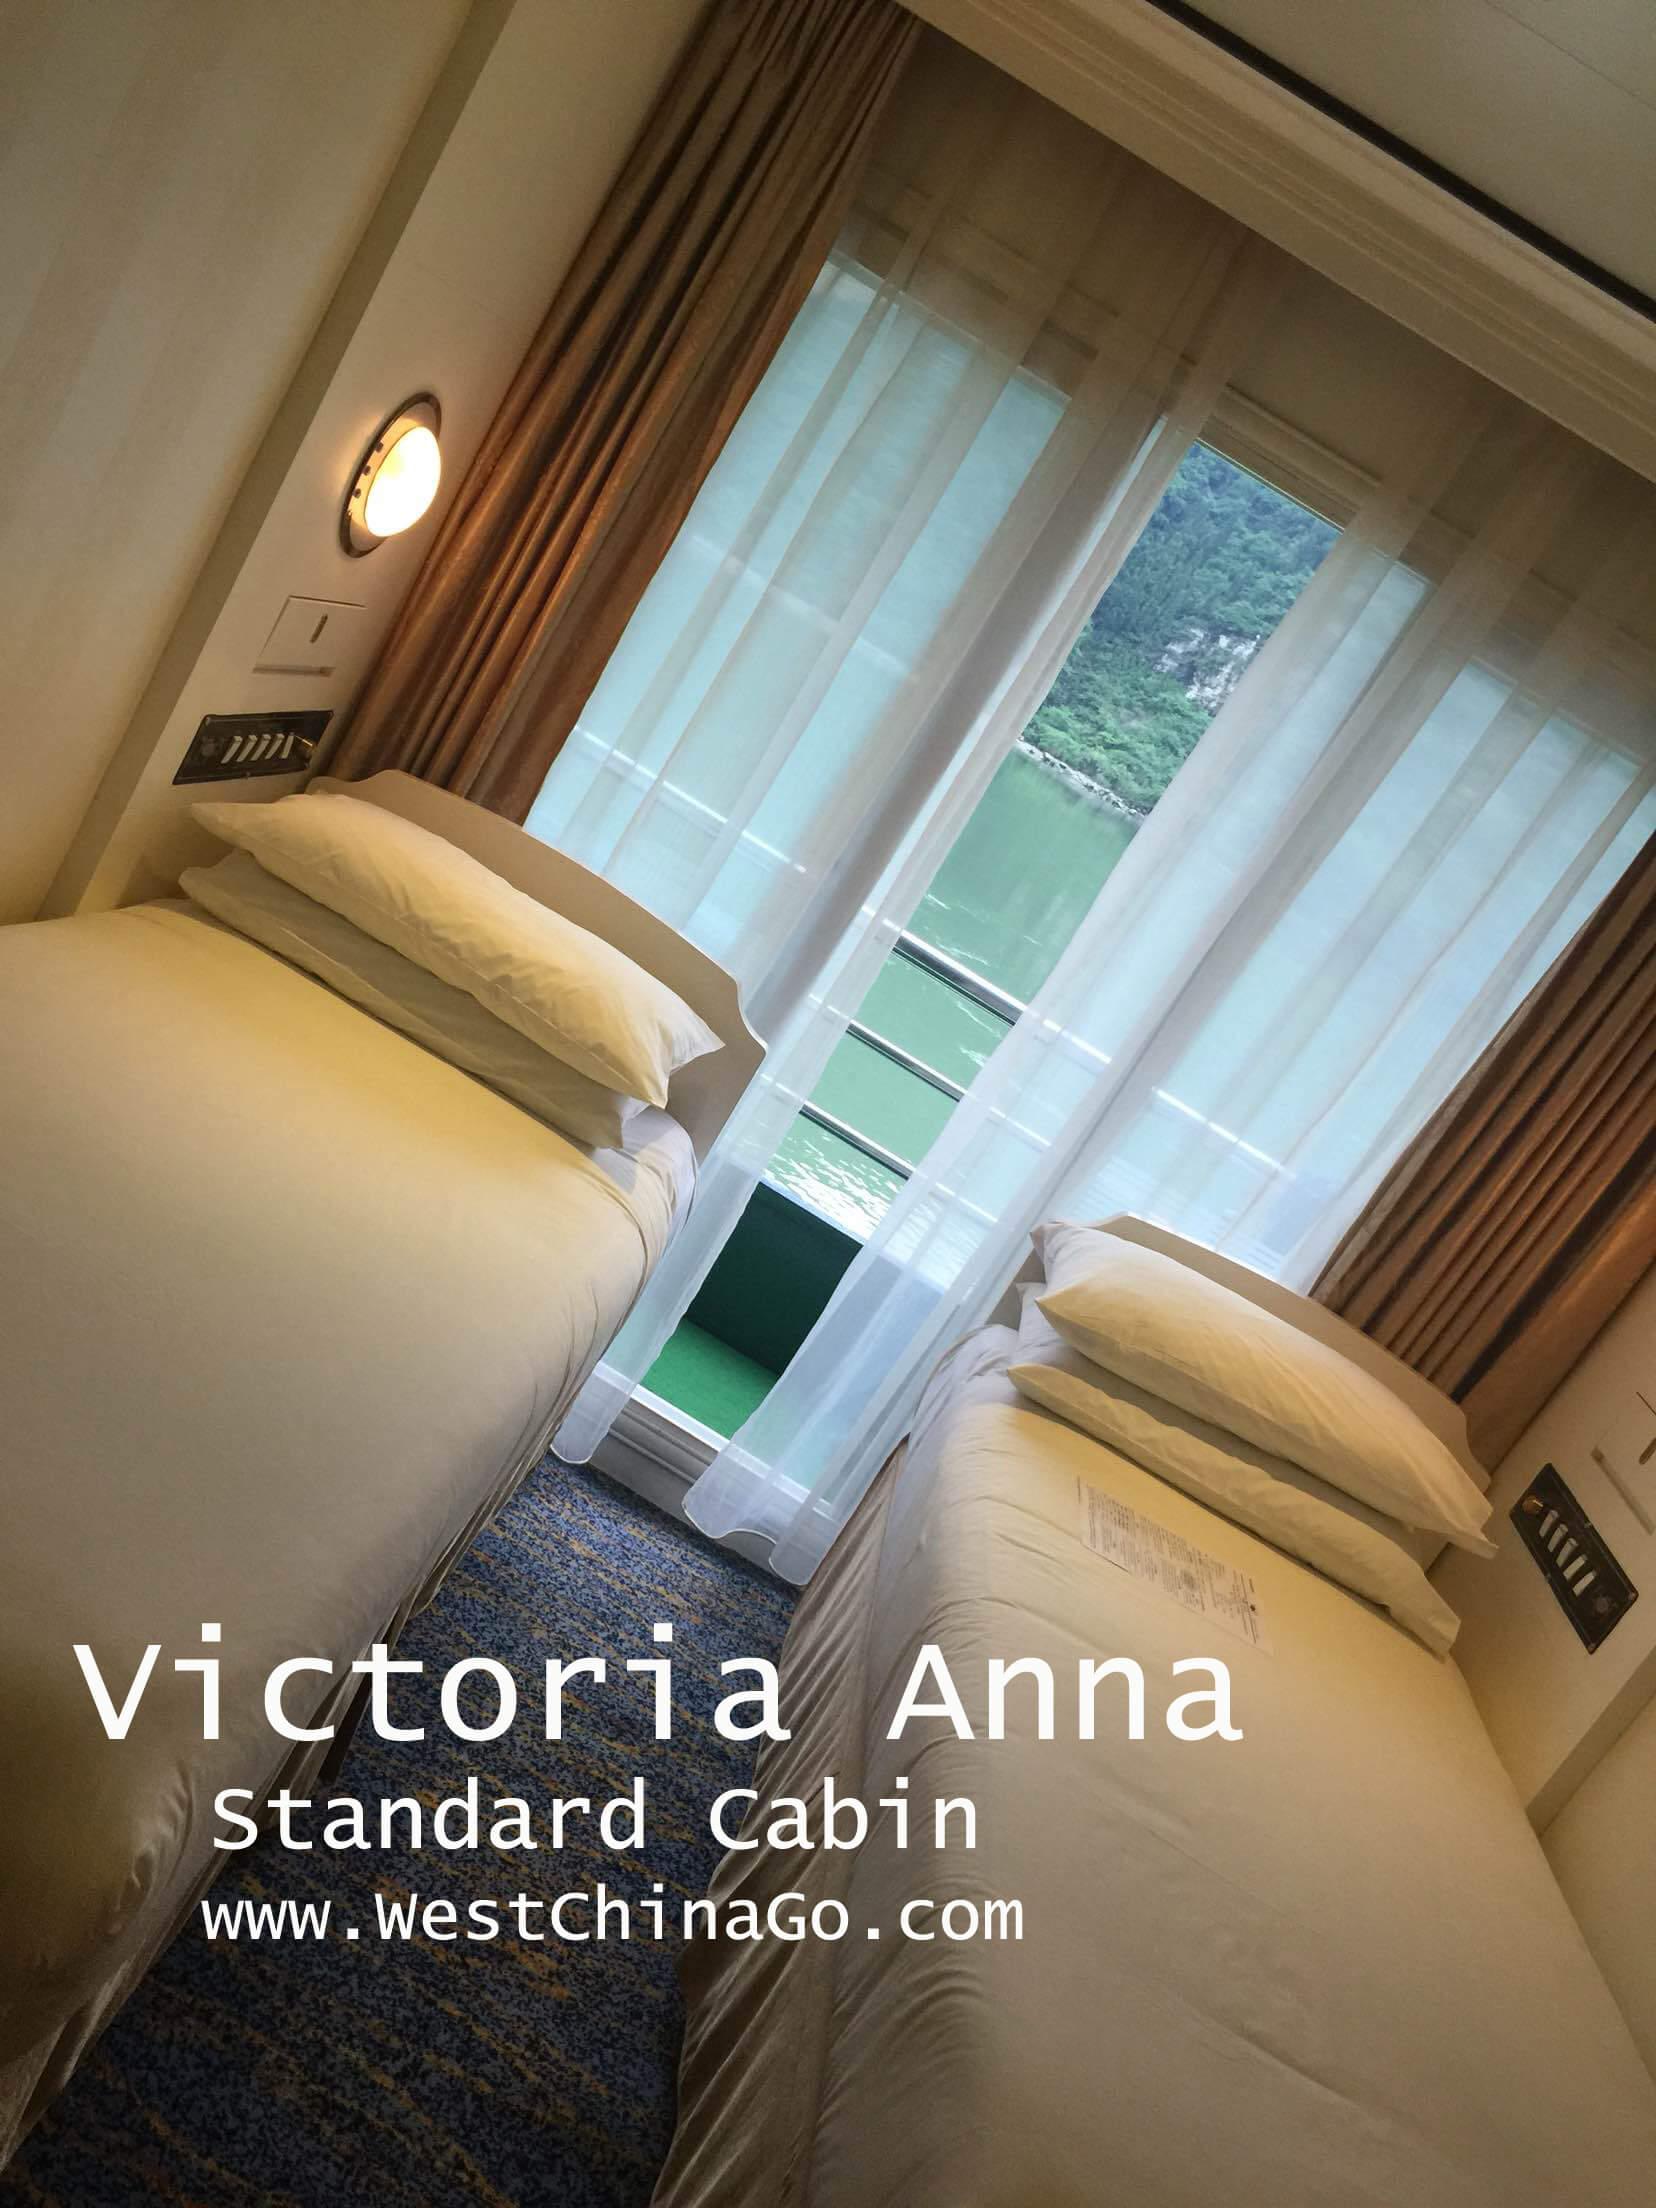 Victoria Anna